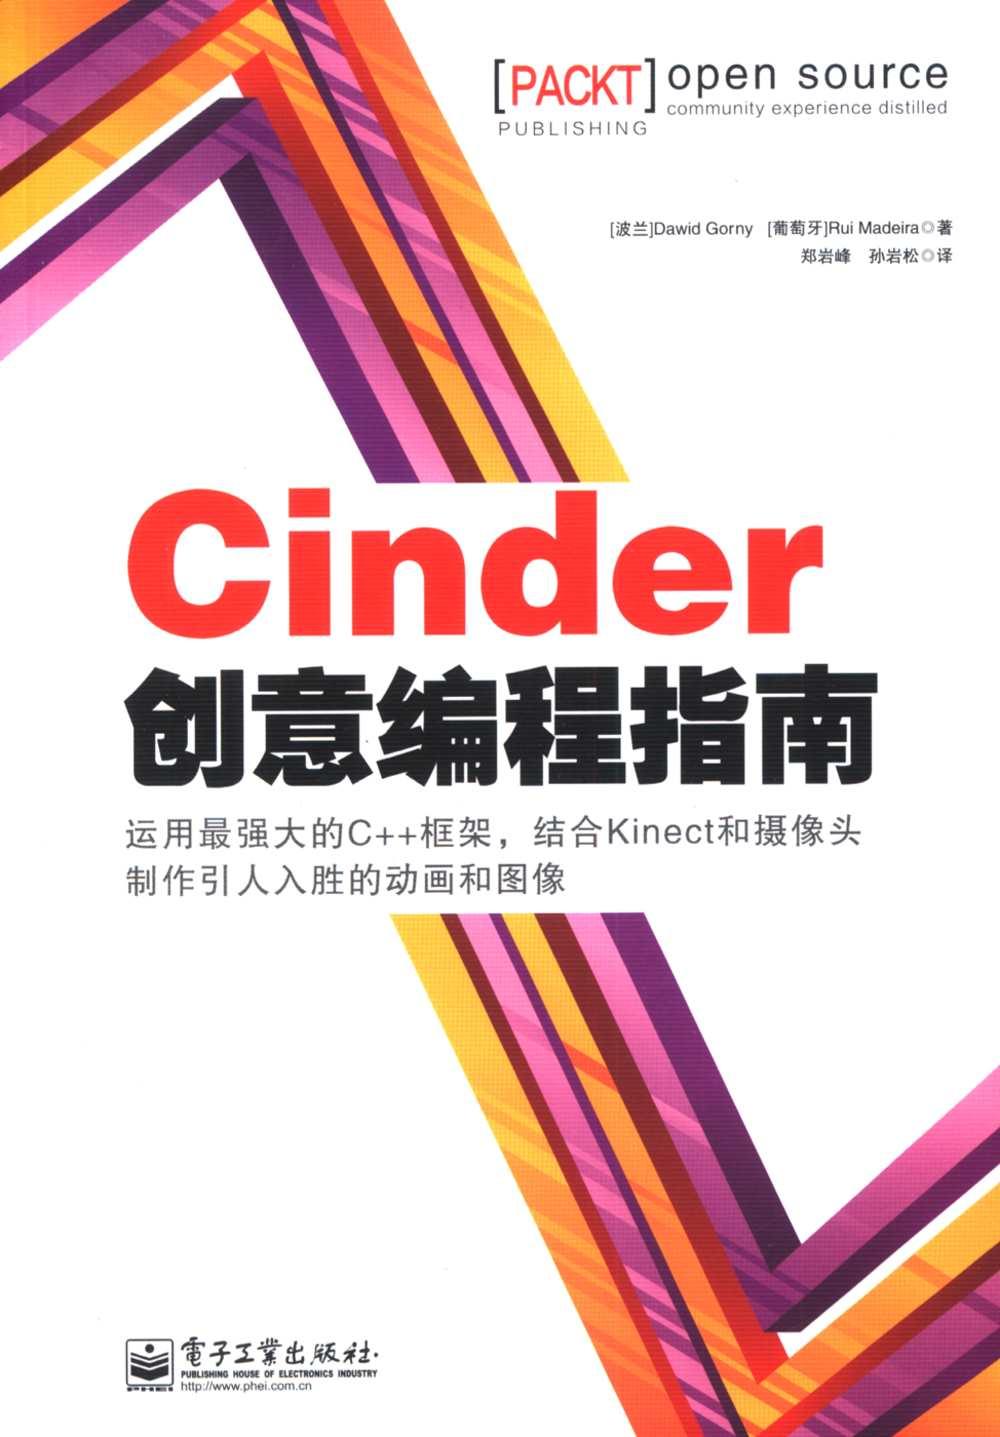 Cinder 編程指南